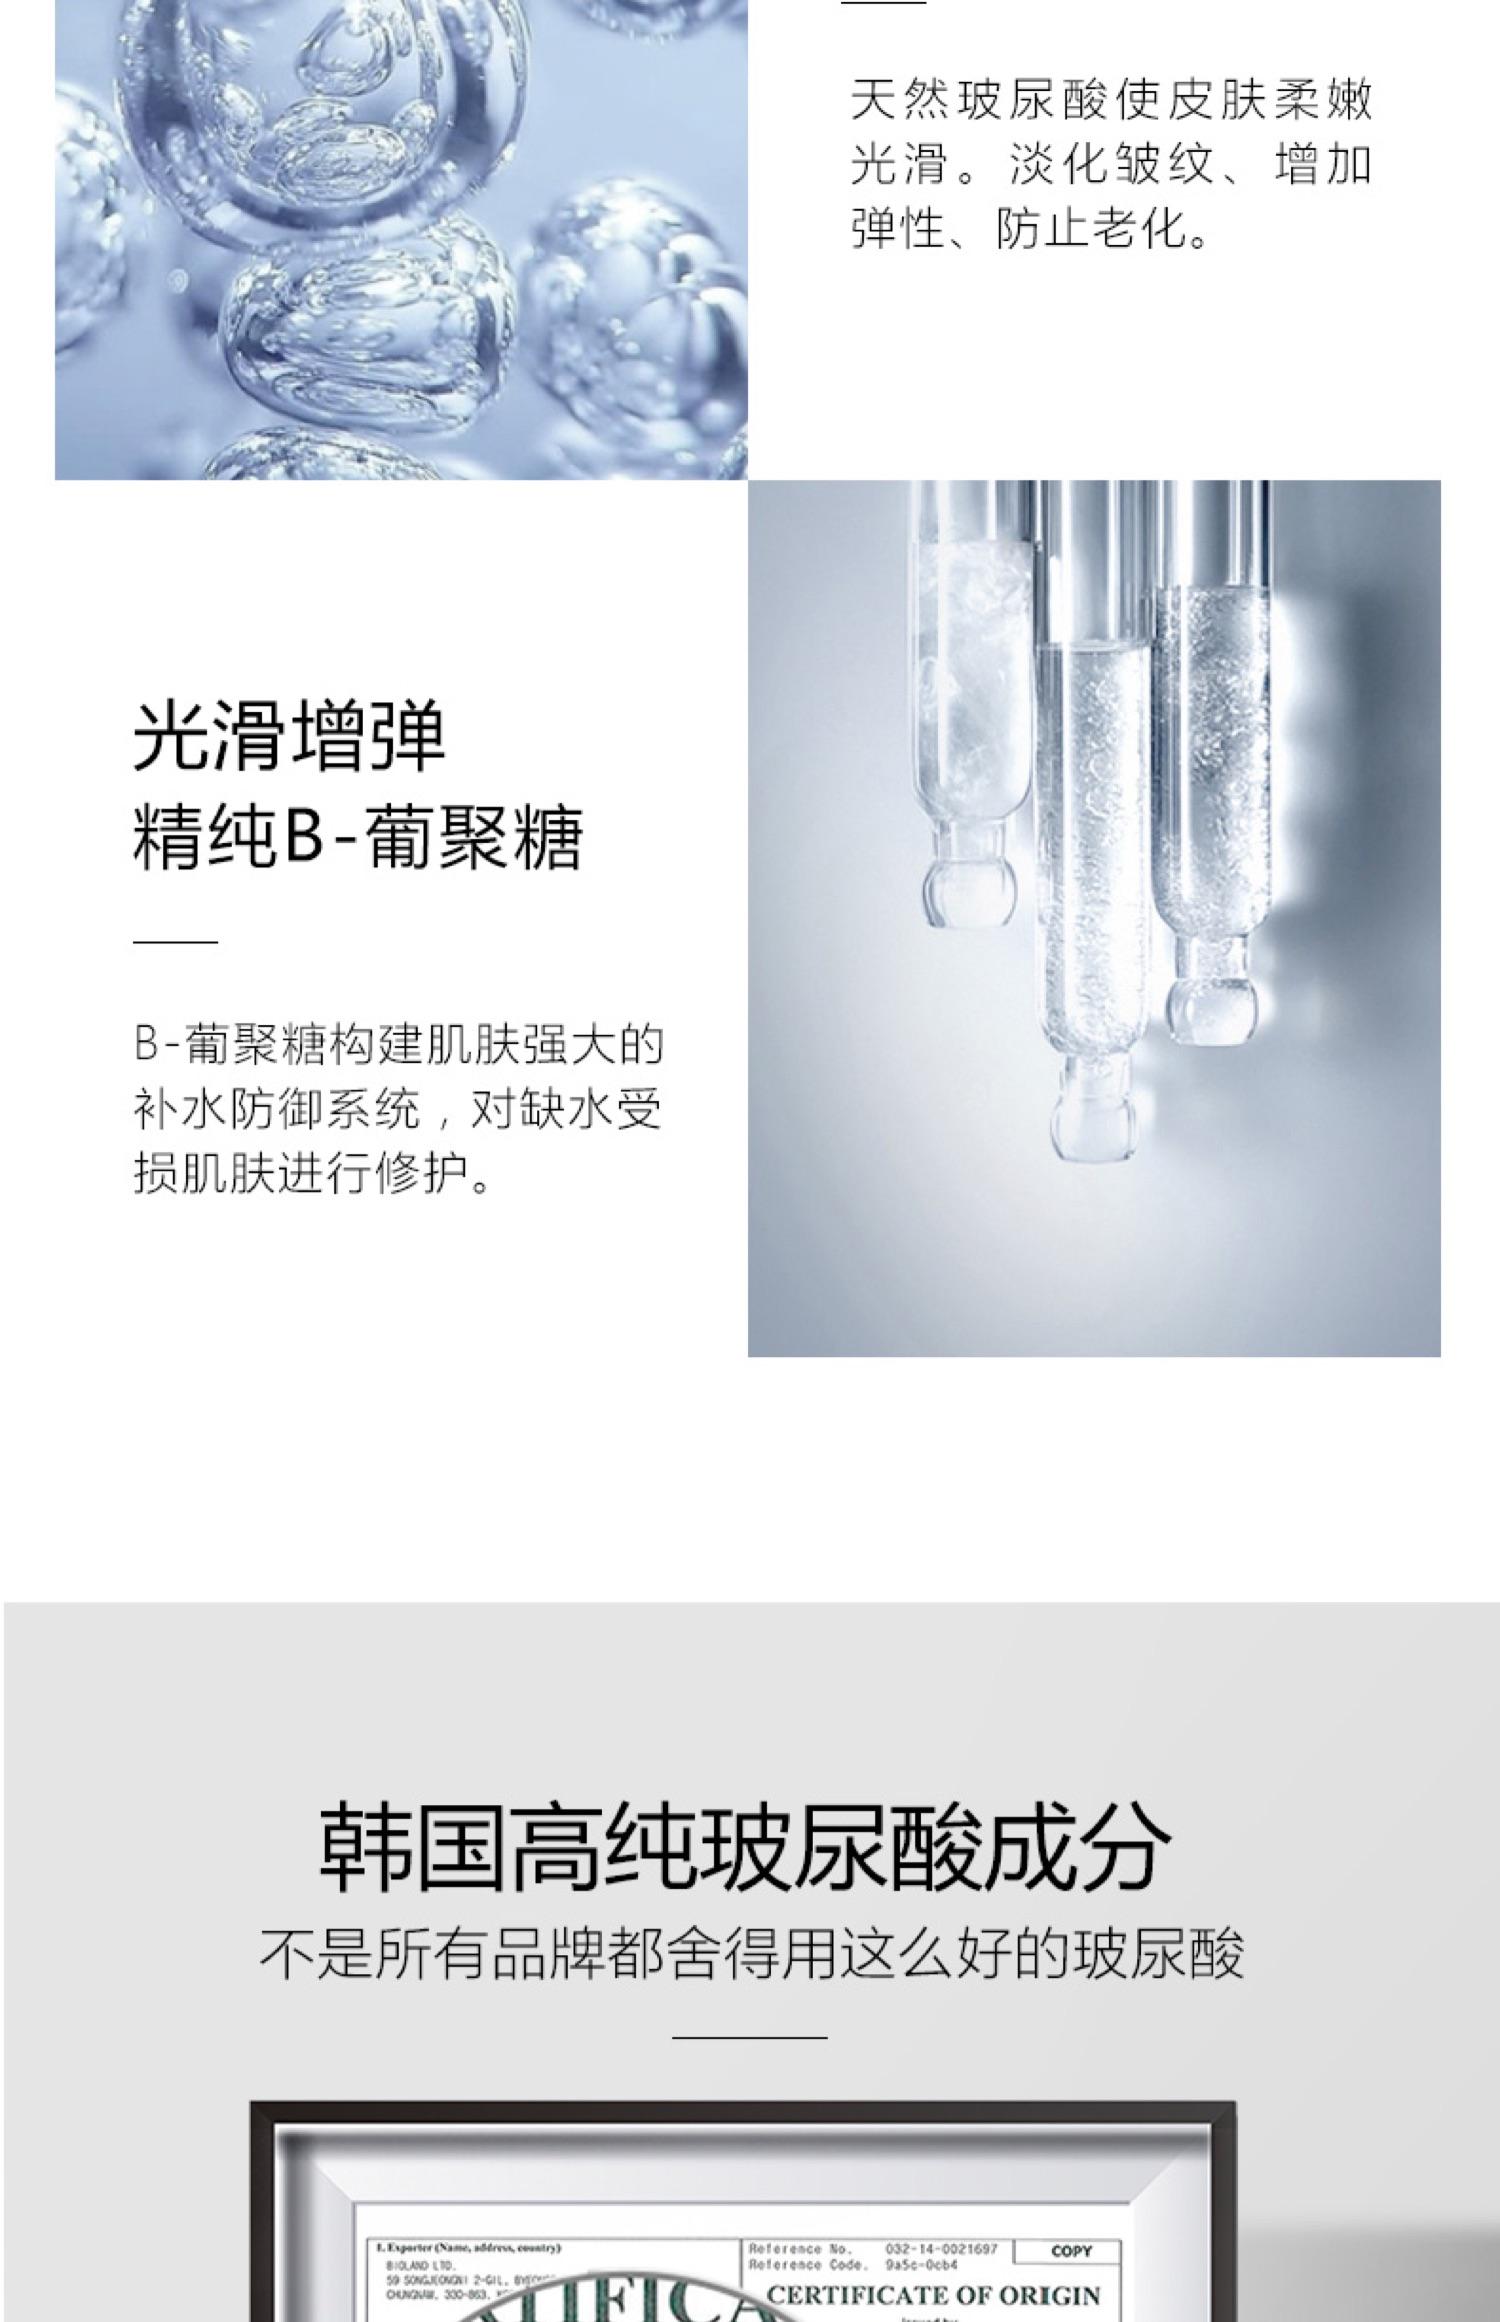 迪凯瑞玻尿酸原液精华液小安瓶提亮白精华滋润滋养肌肤补水保湿女商品详情图